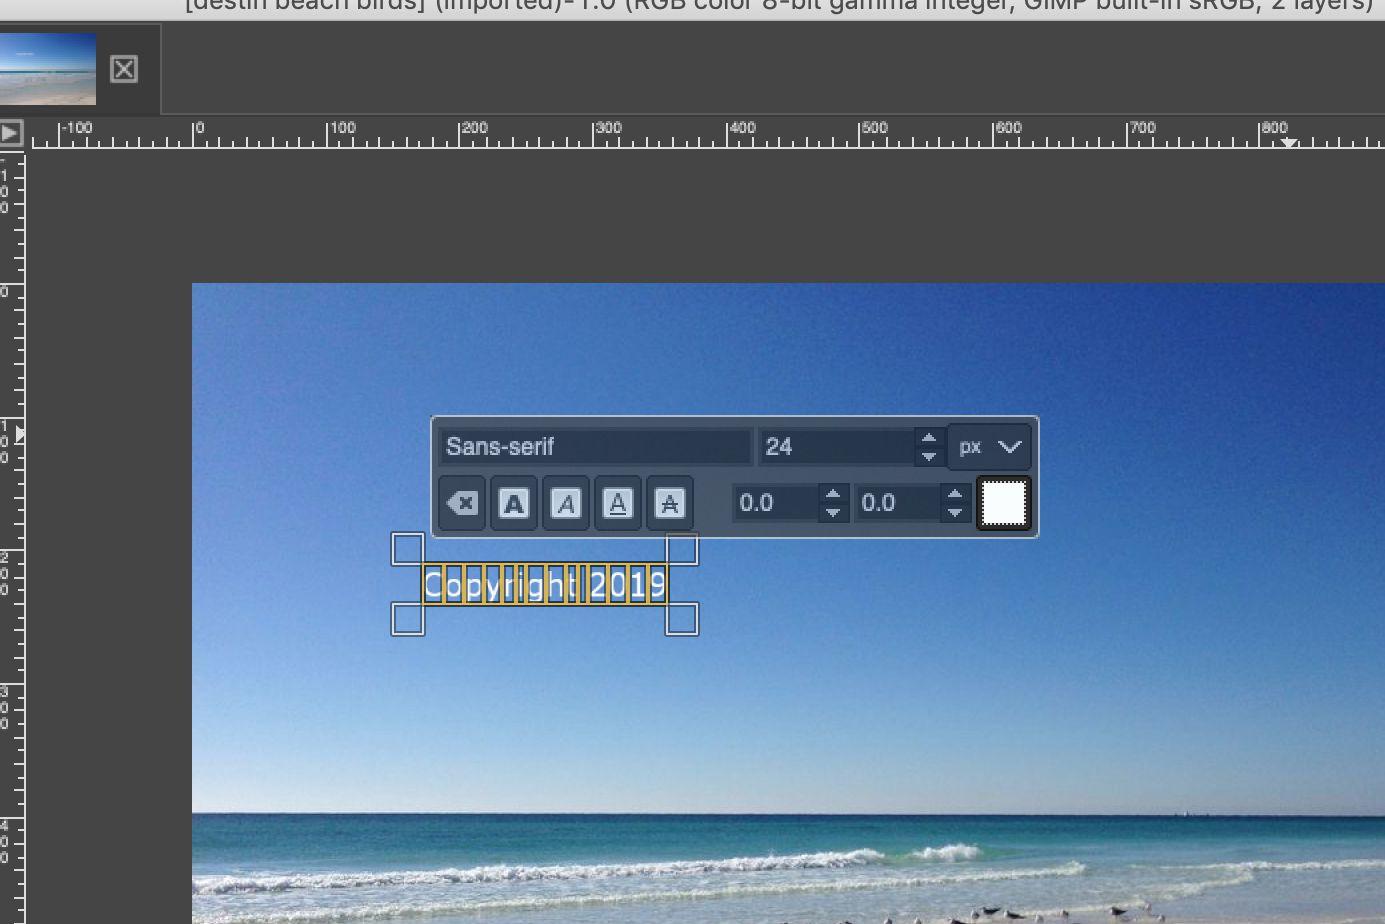 GIMP text tool dialog for watermark